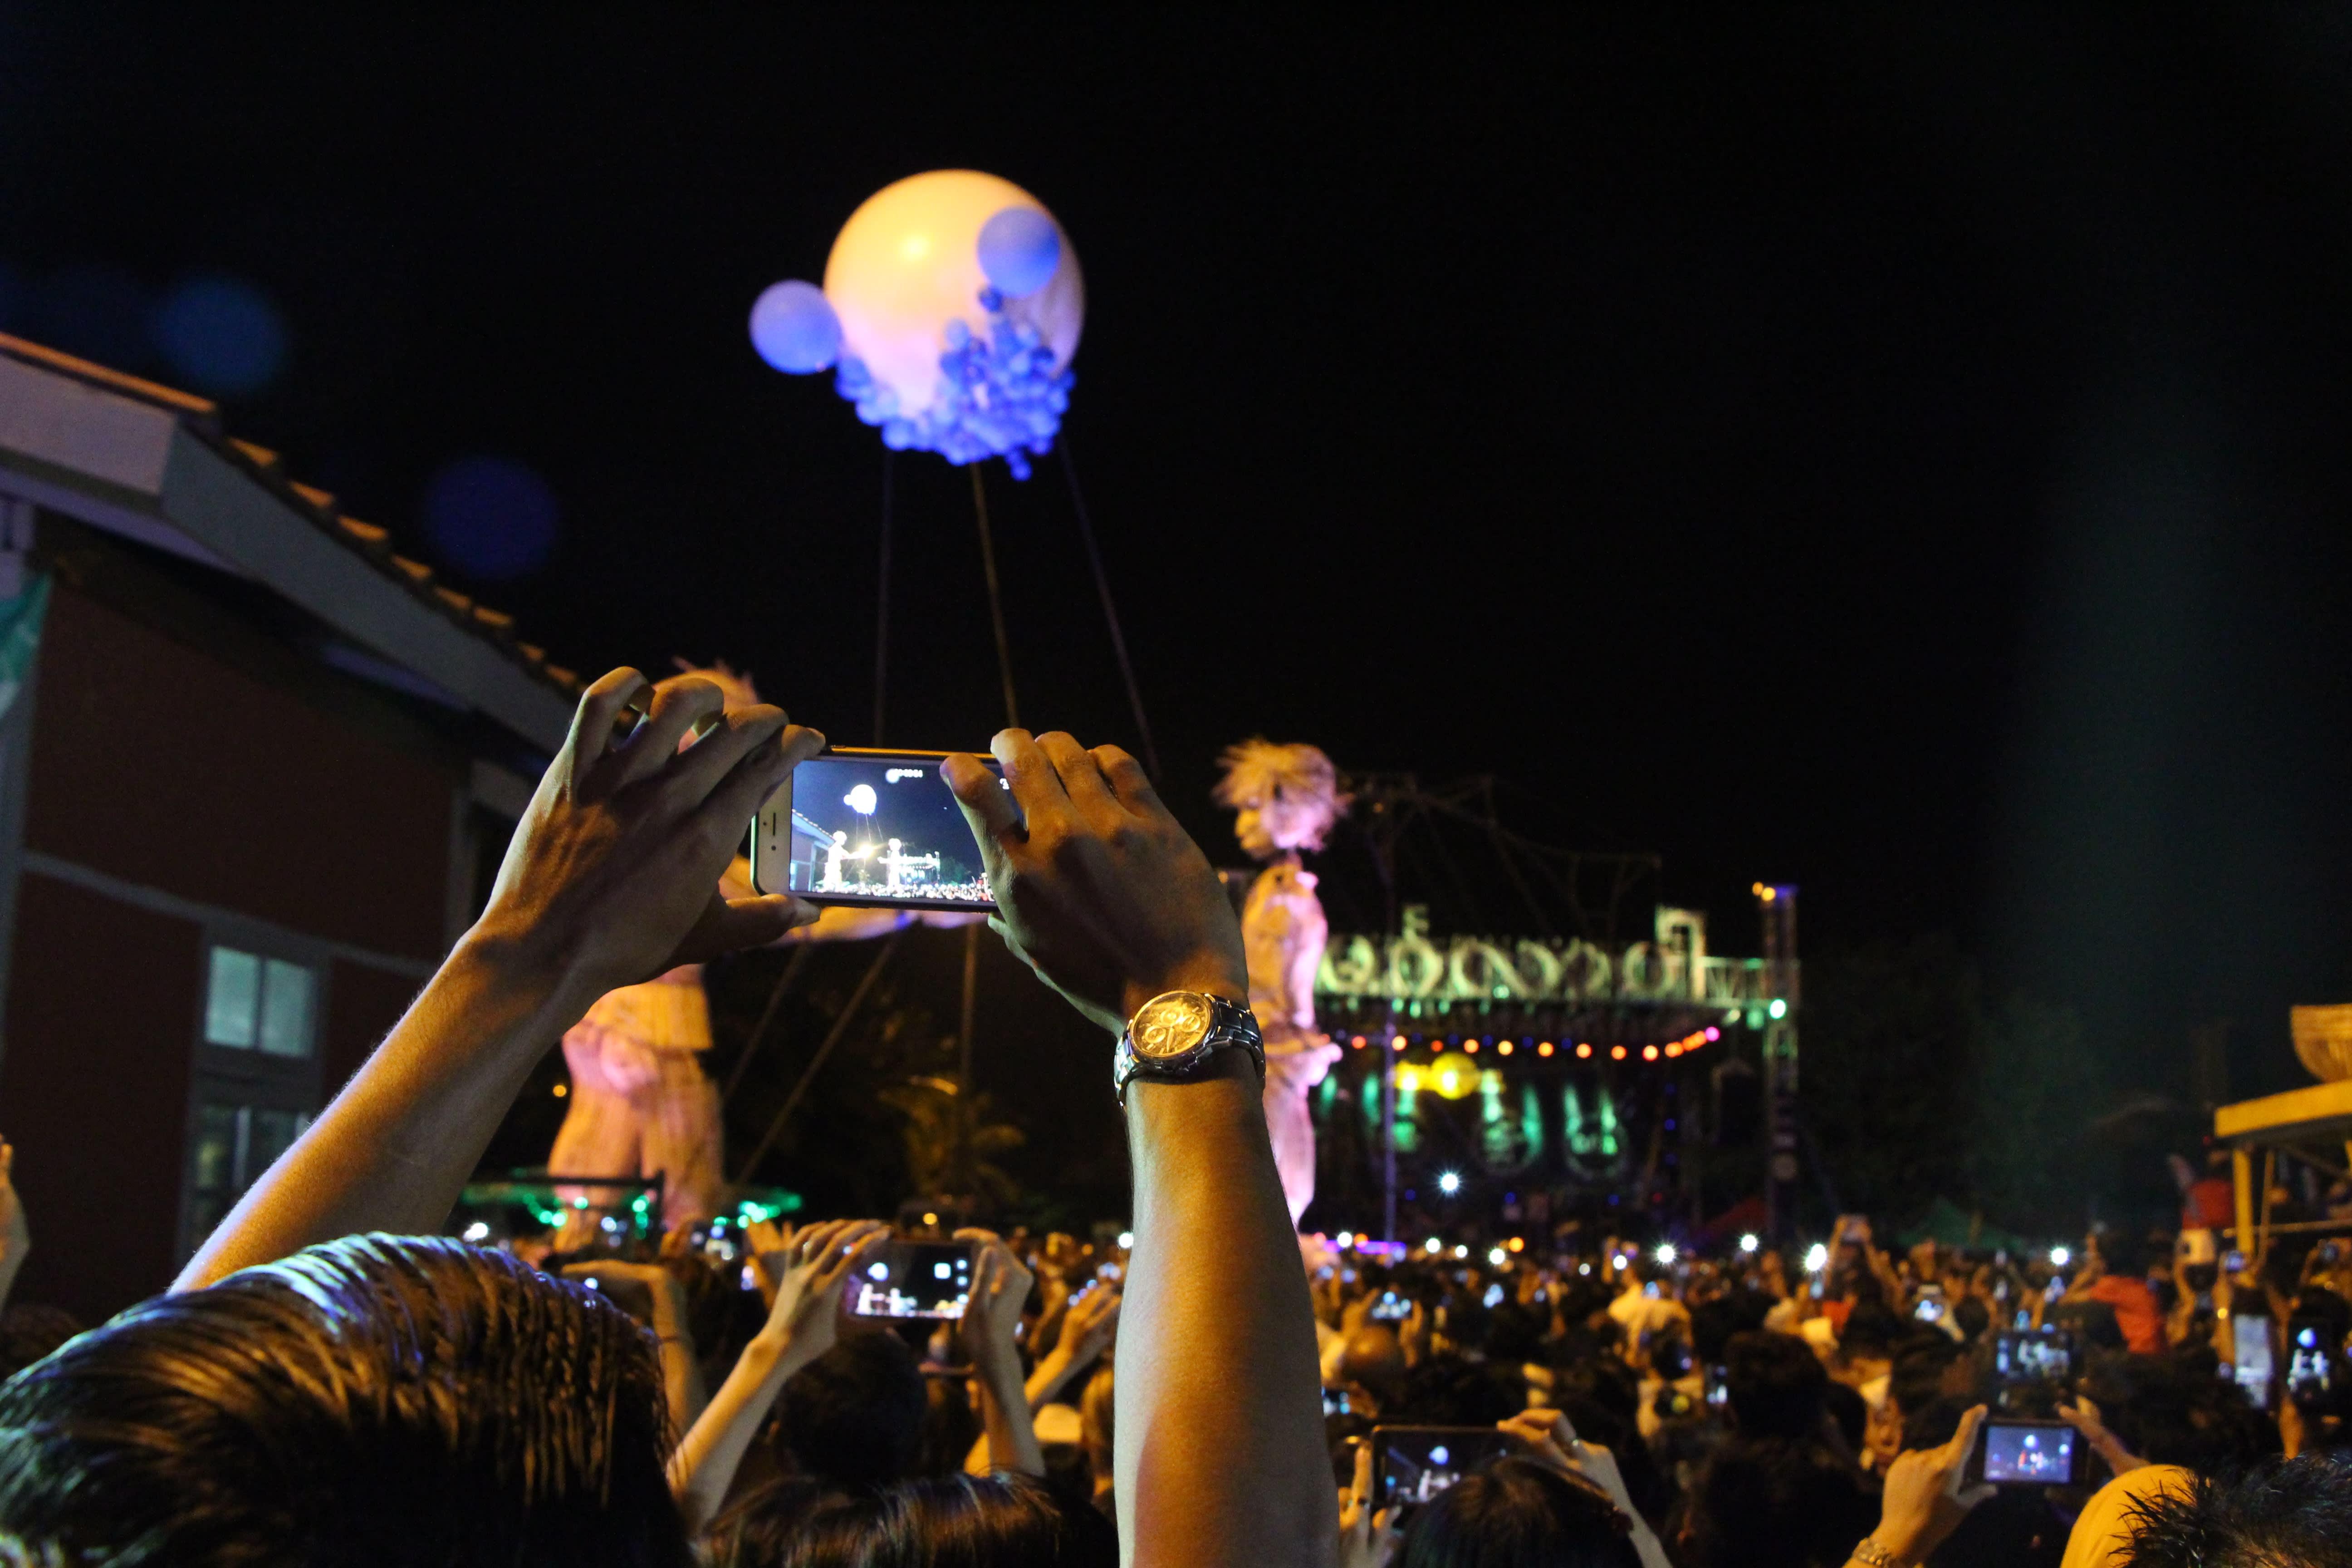 Myanmar's telco revolution opens new chapter - Nikkei Asian